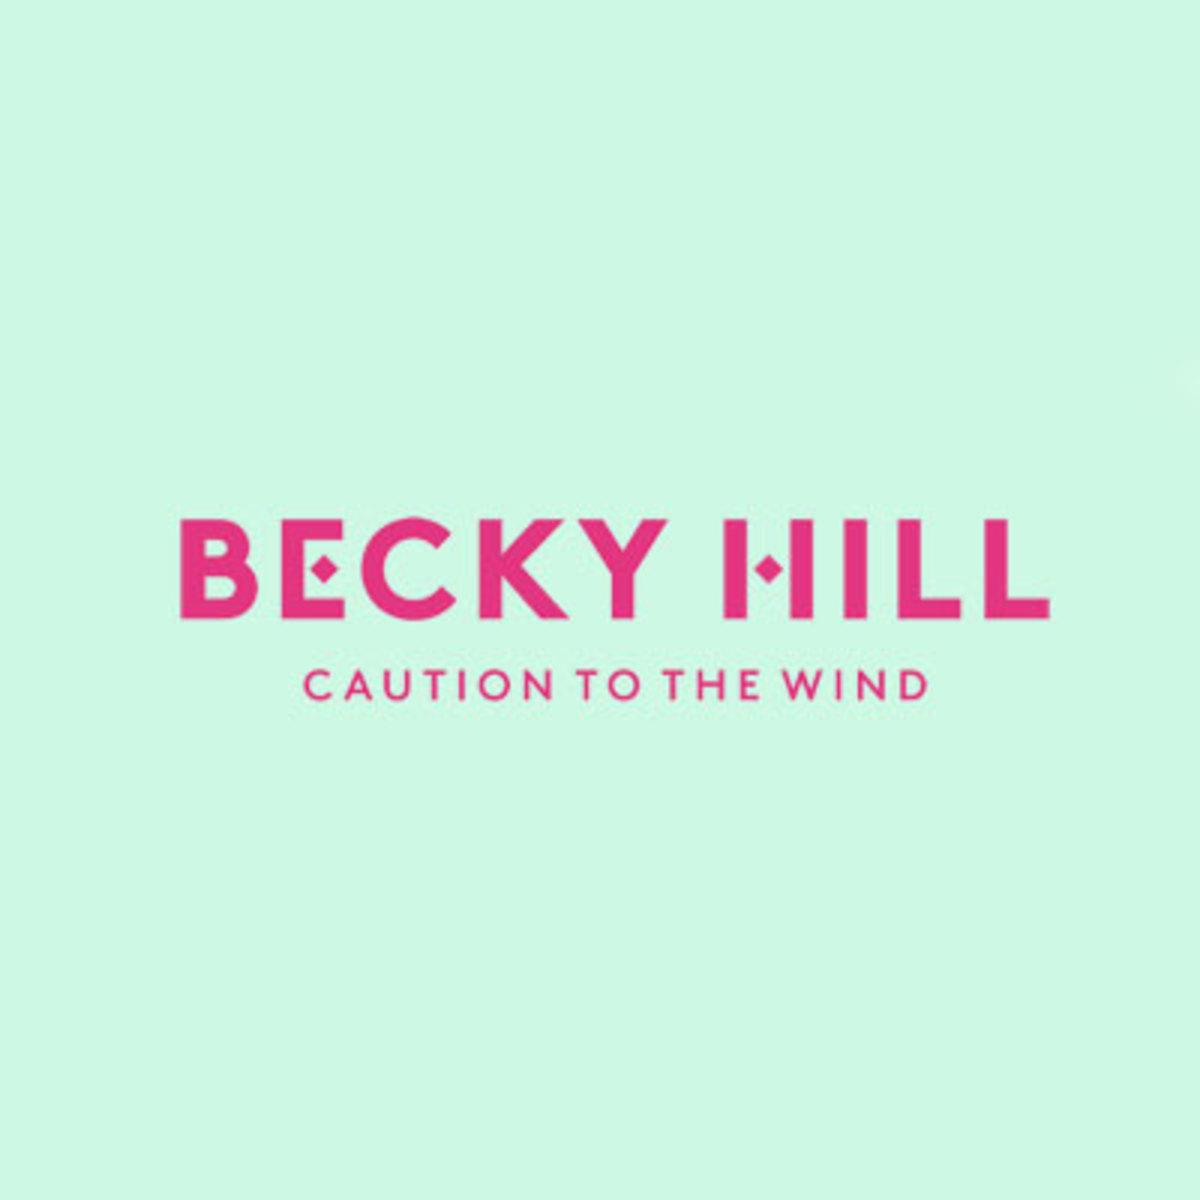 beckyhill-caution.jpg